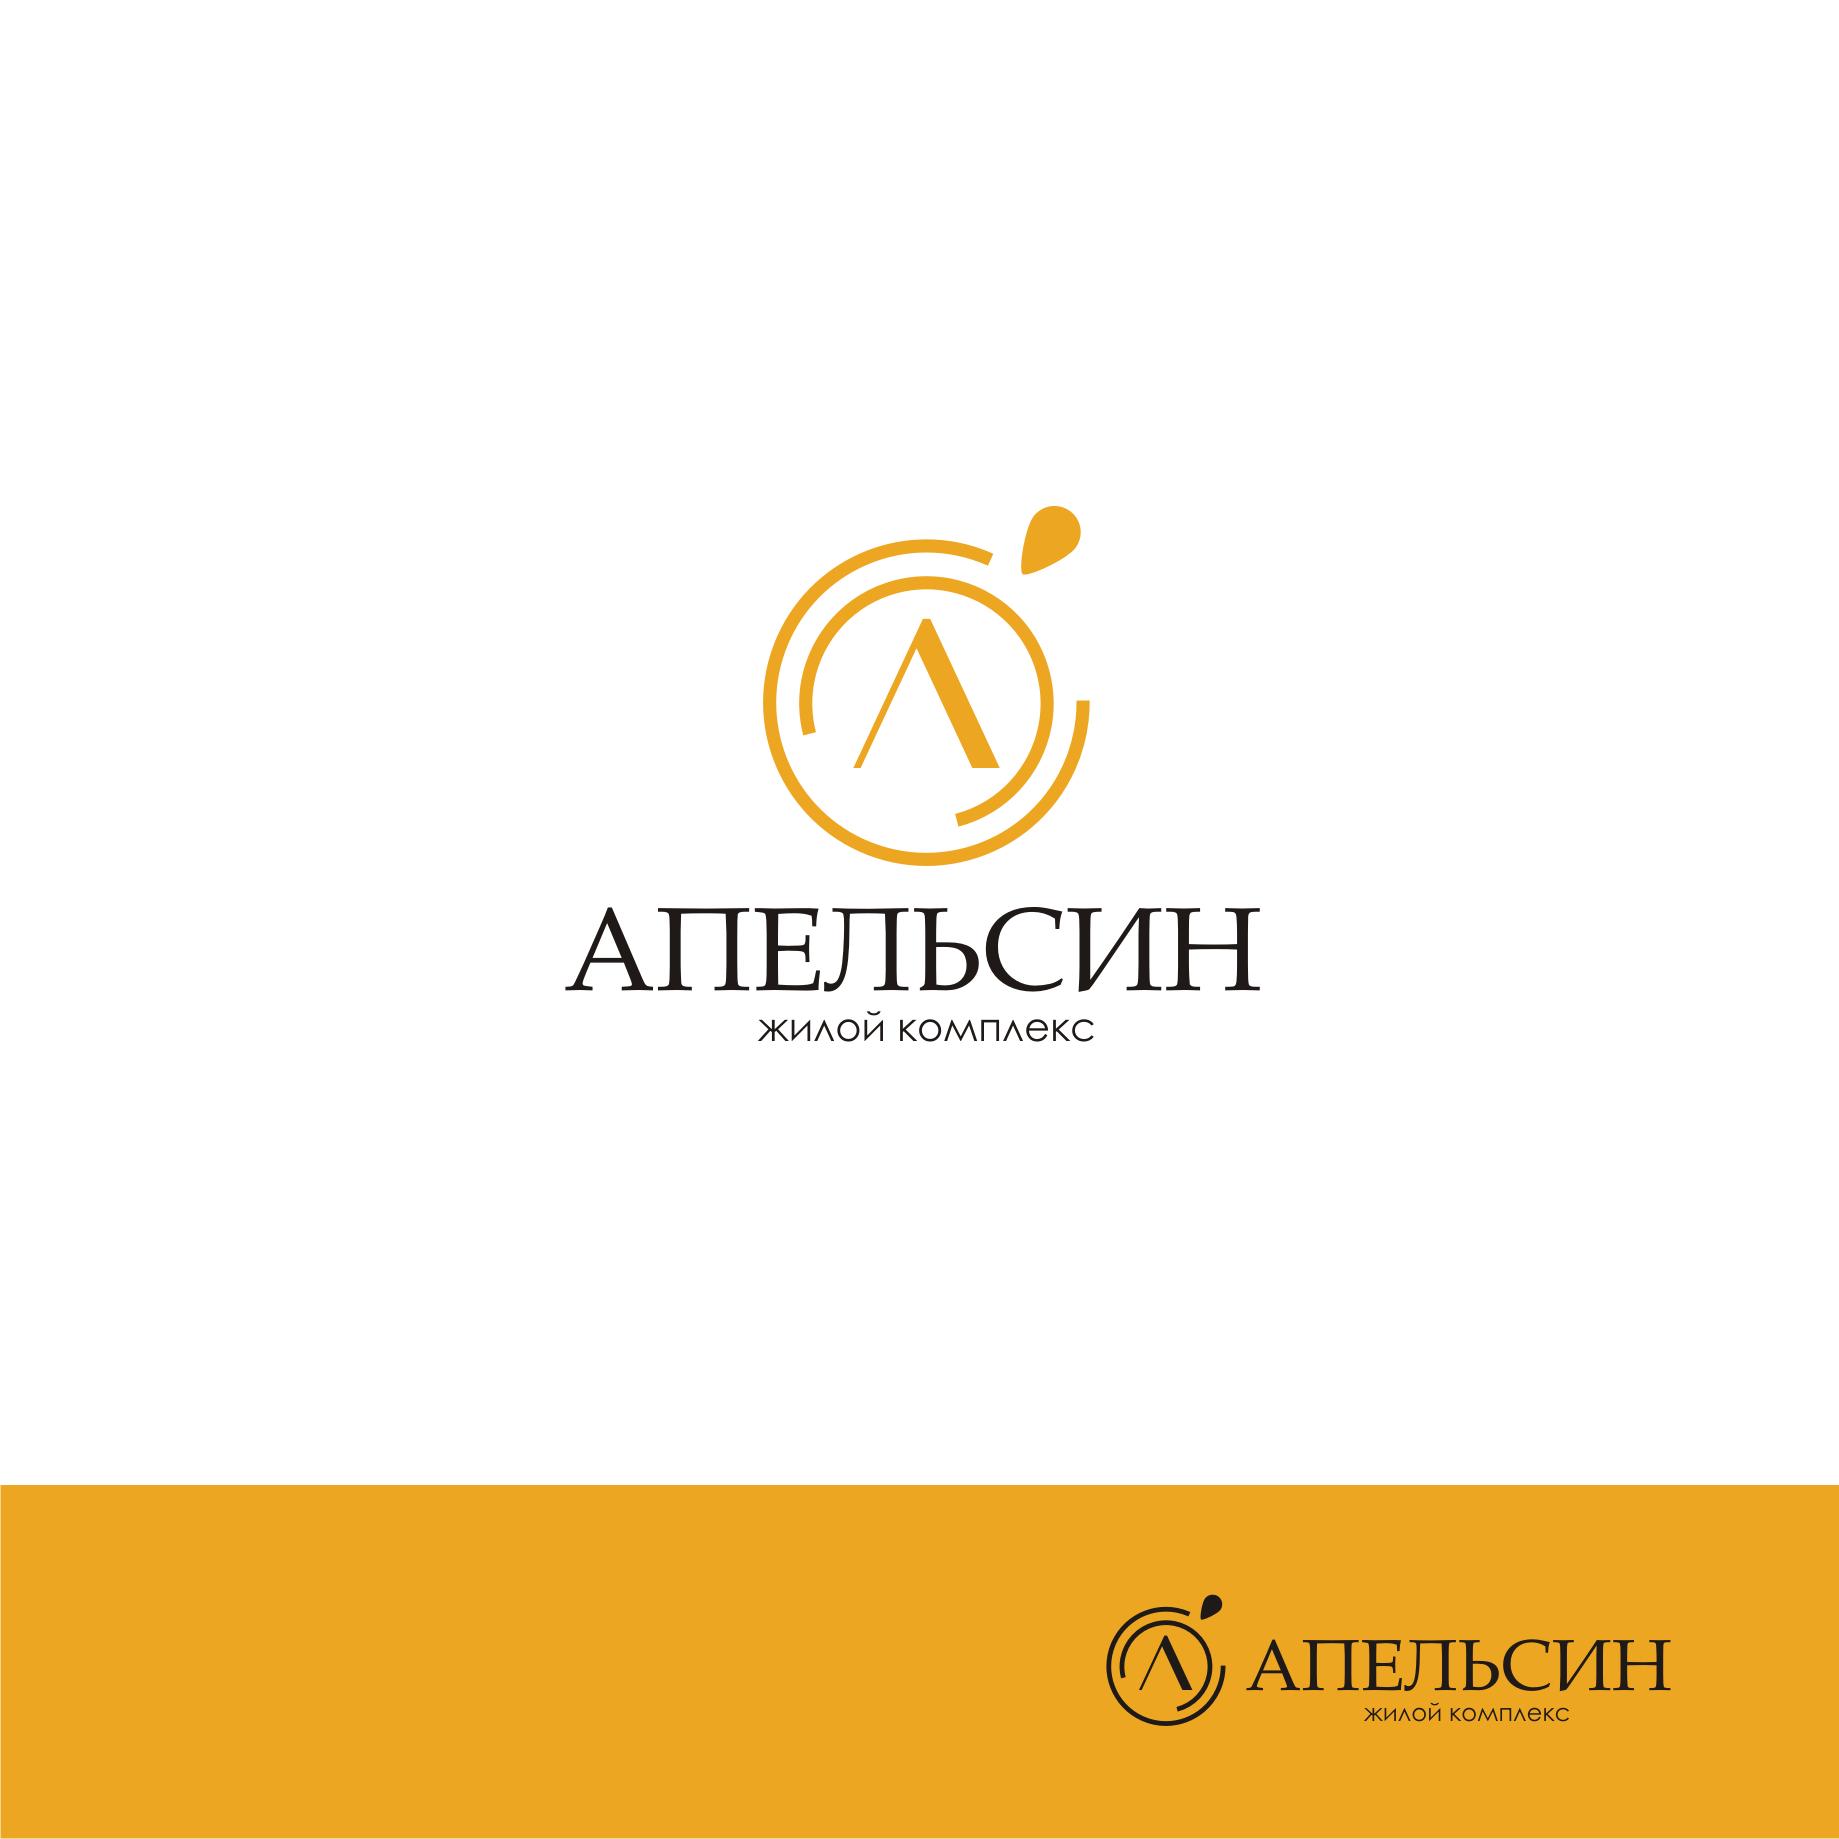 Логотип и фирменный стиль фото f_7085a58ac4730ed6.png